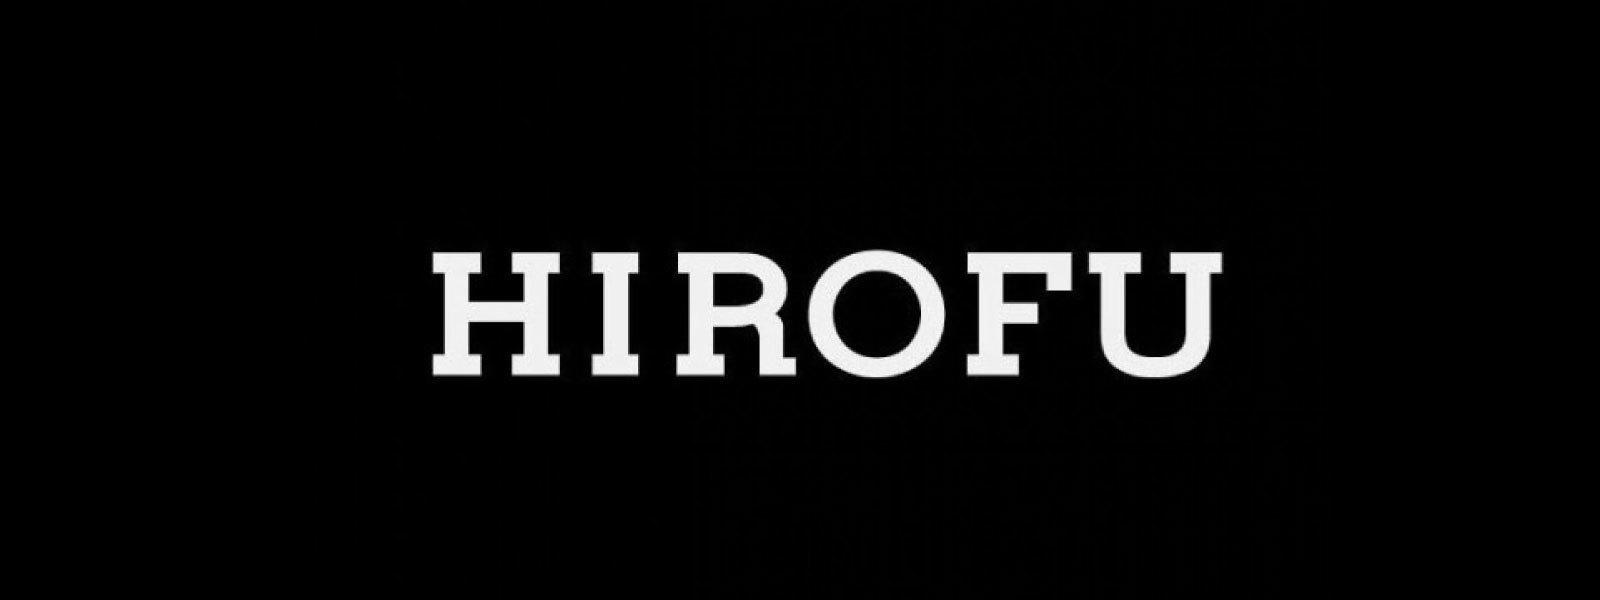 【HIROFU(ヒロフ)】日本橋高島屋のカバー写真